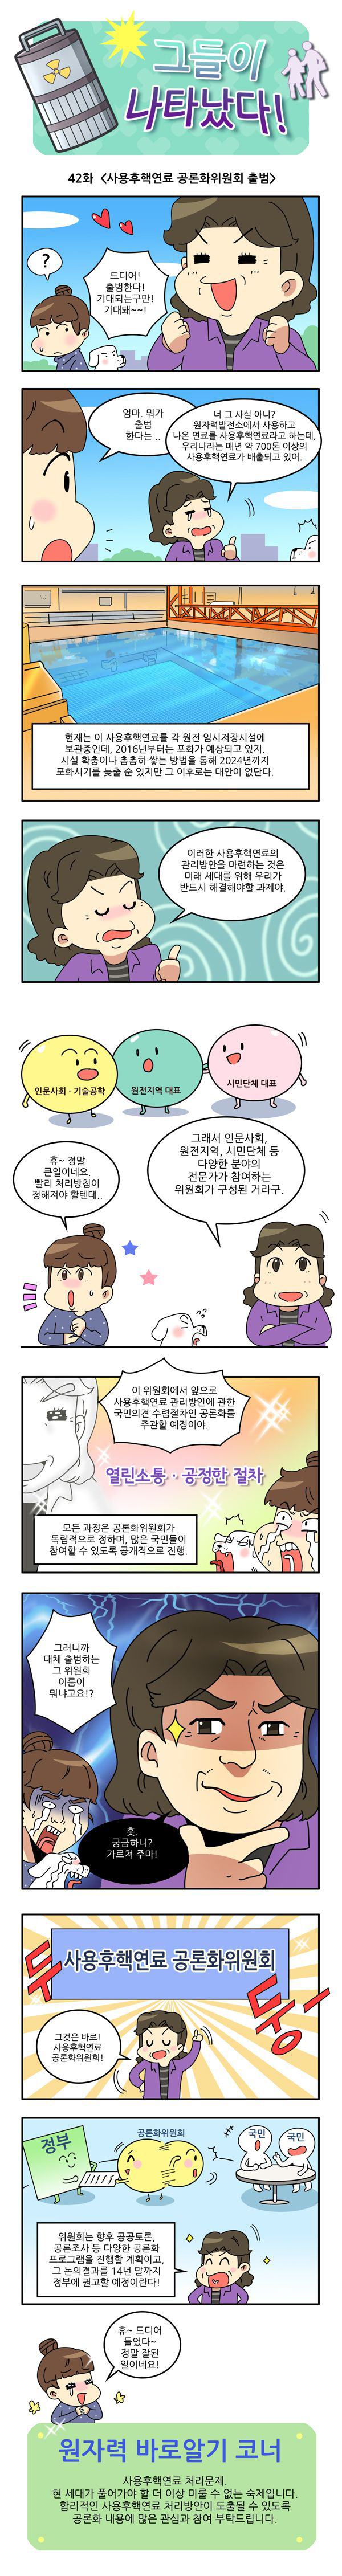 42화 사용후핵연료 공론화위원회 출범.jpg